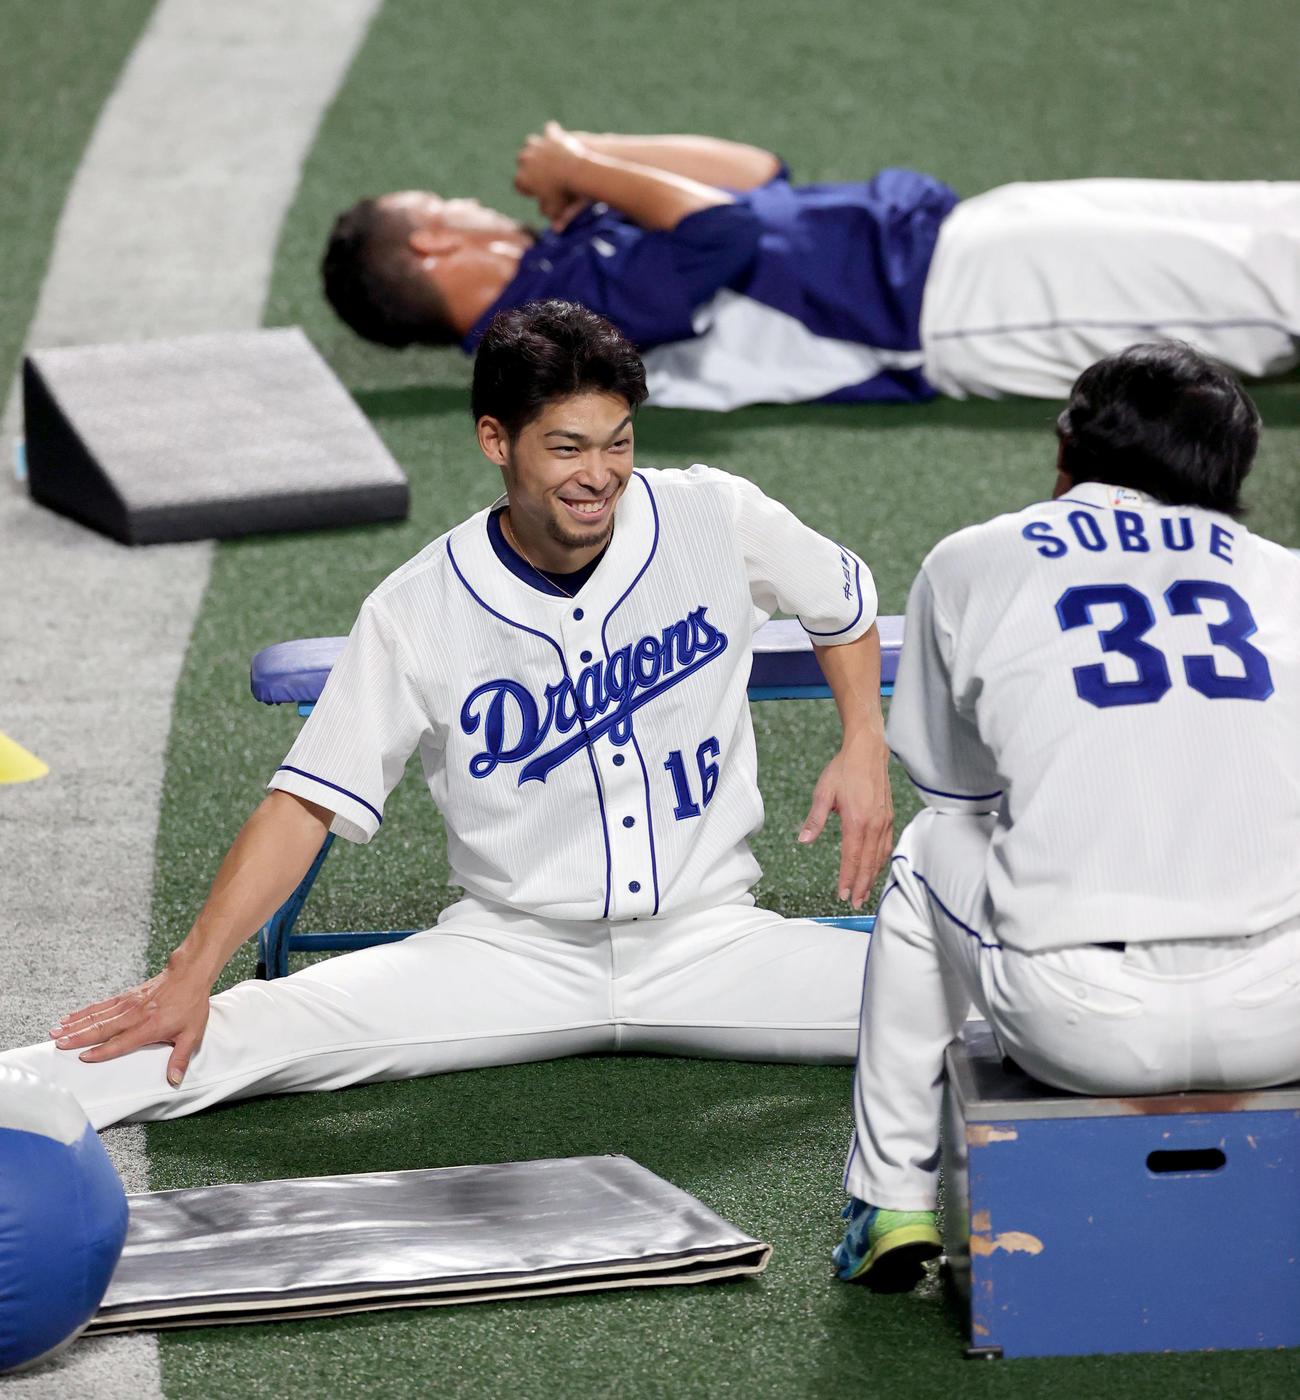 祖父江大輔(右)と談笑する又吉克樹